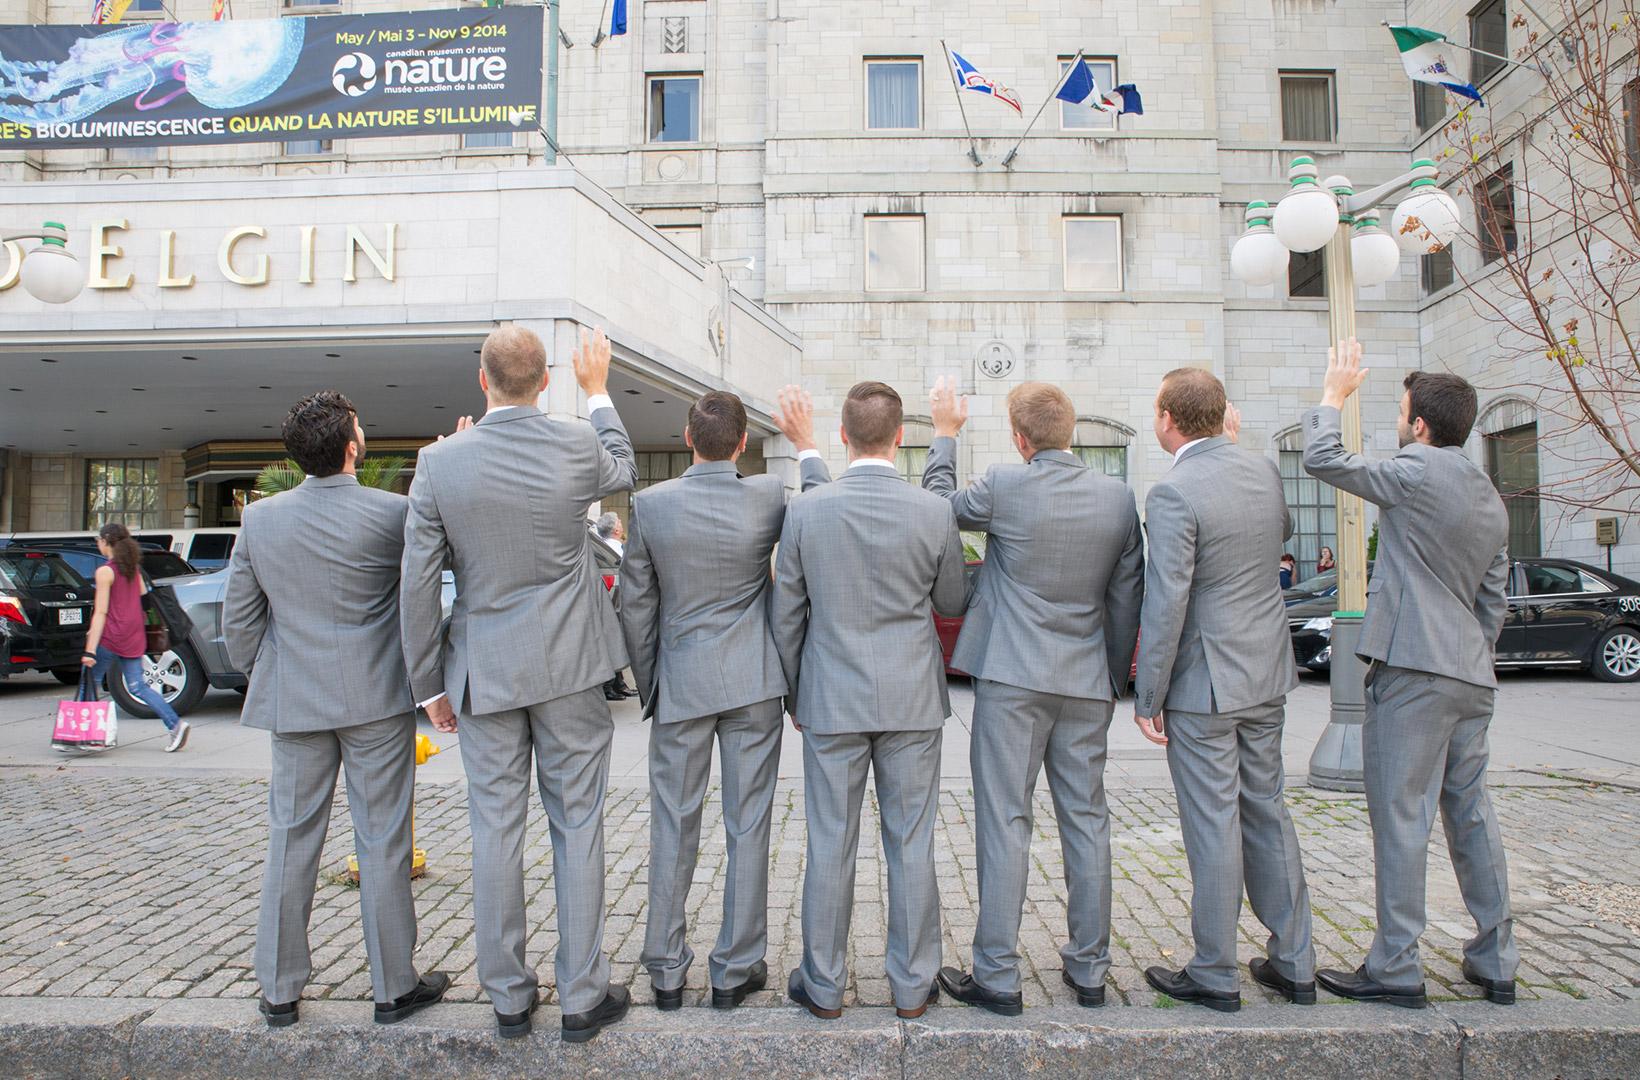 wedding_banner02